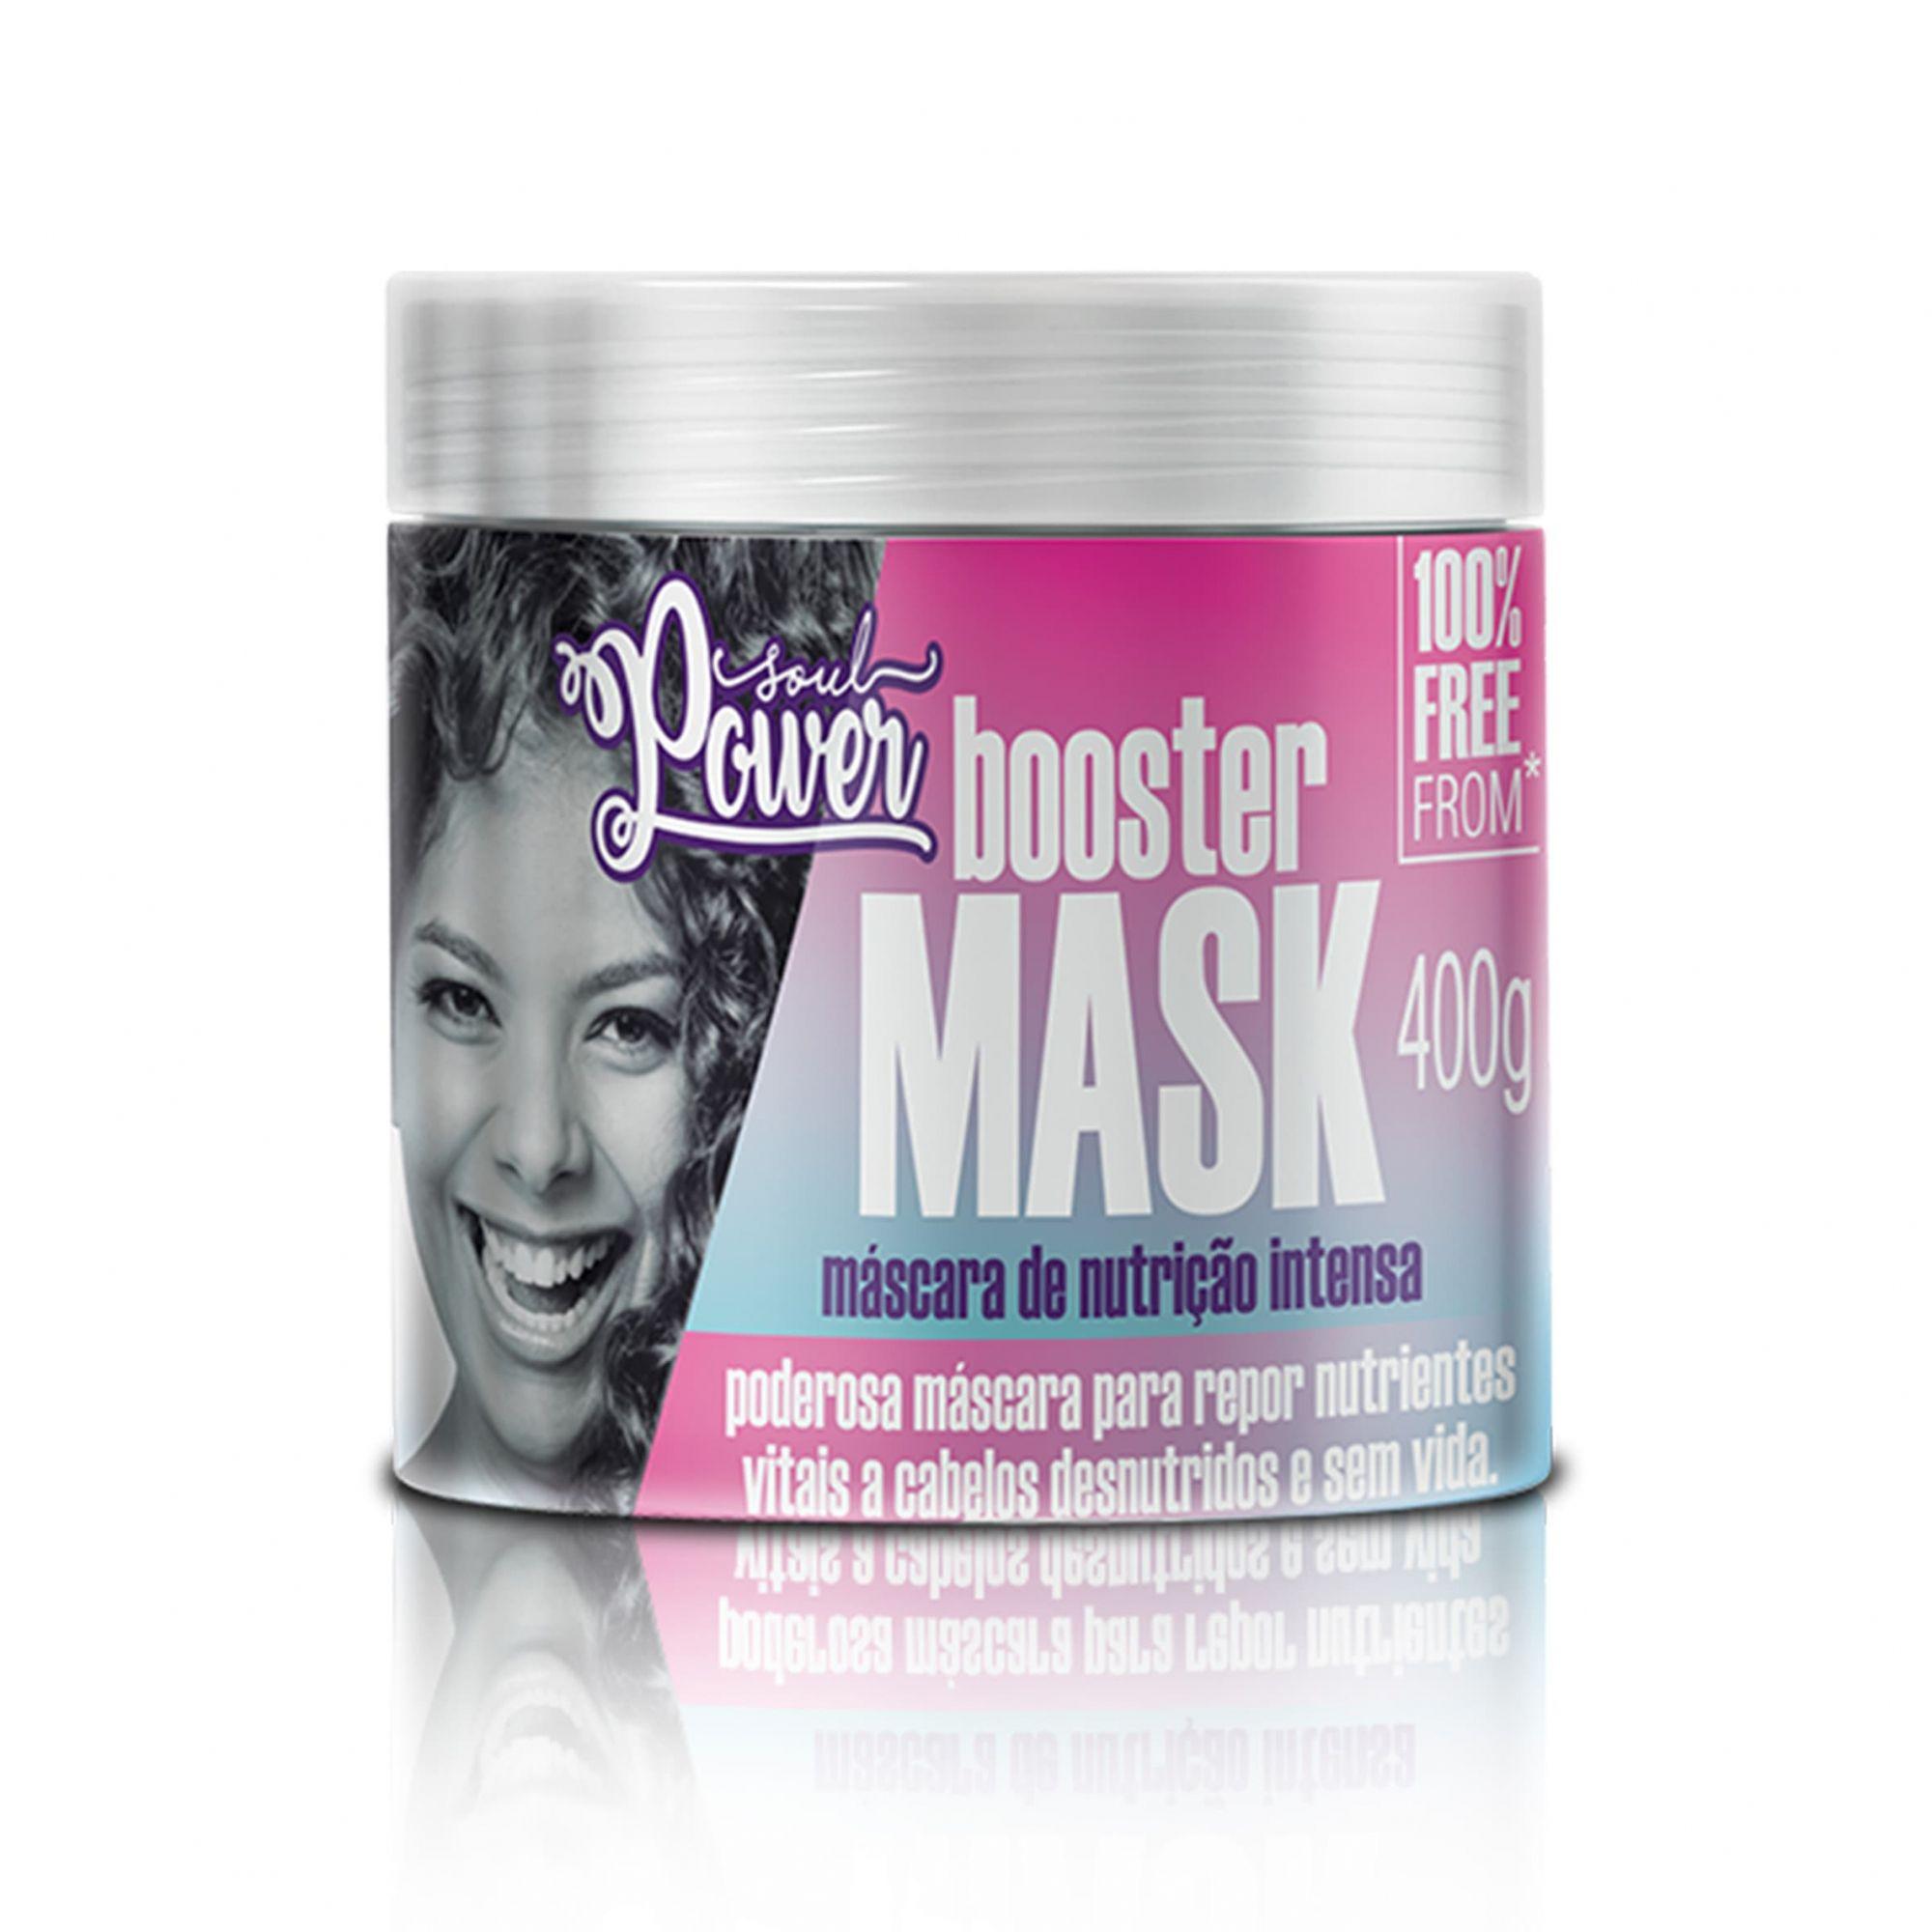 Booster Mask  Máscara de Nutrição Intensa Soul Power 400g.